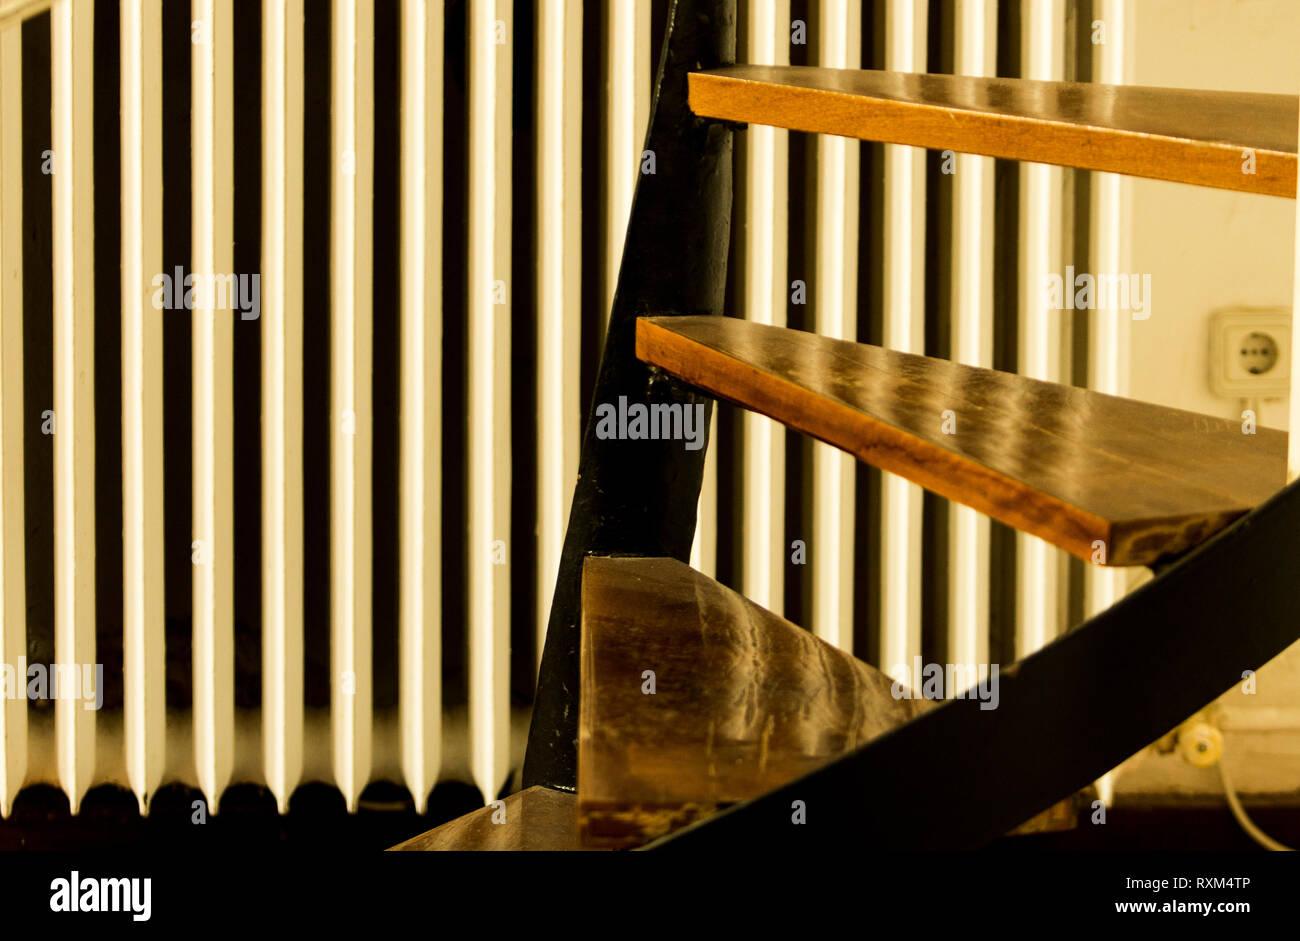 Escaliers escargot fournir une valeur esthétique à l'intérieur. Bois et acier travaillent ensemble pour créer un effet visuel chaud, tandis que l'escargot permet de v Photo Stock